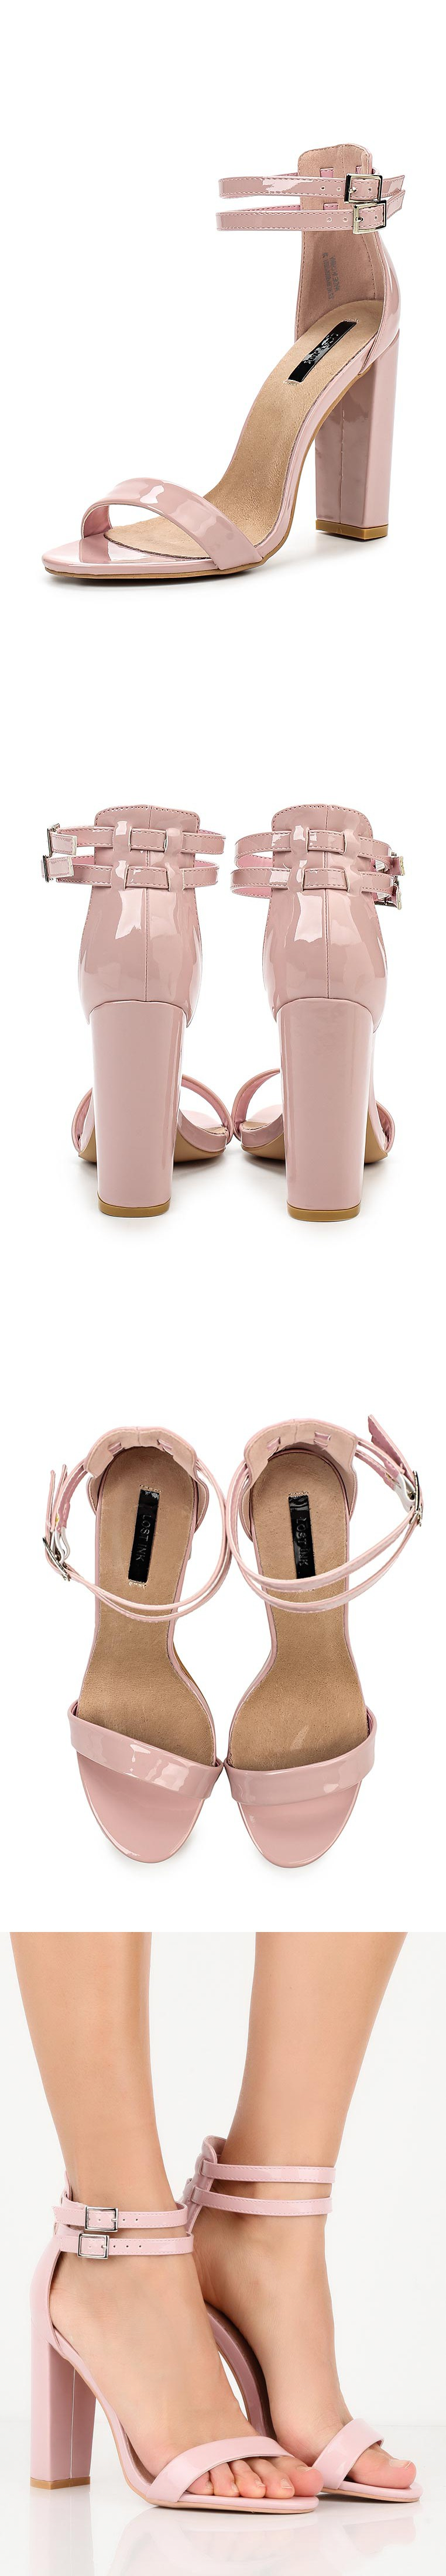 Женская обувь босоножки LOST INK за 2999.00 руб.